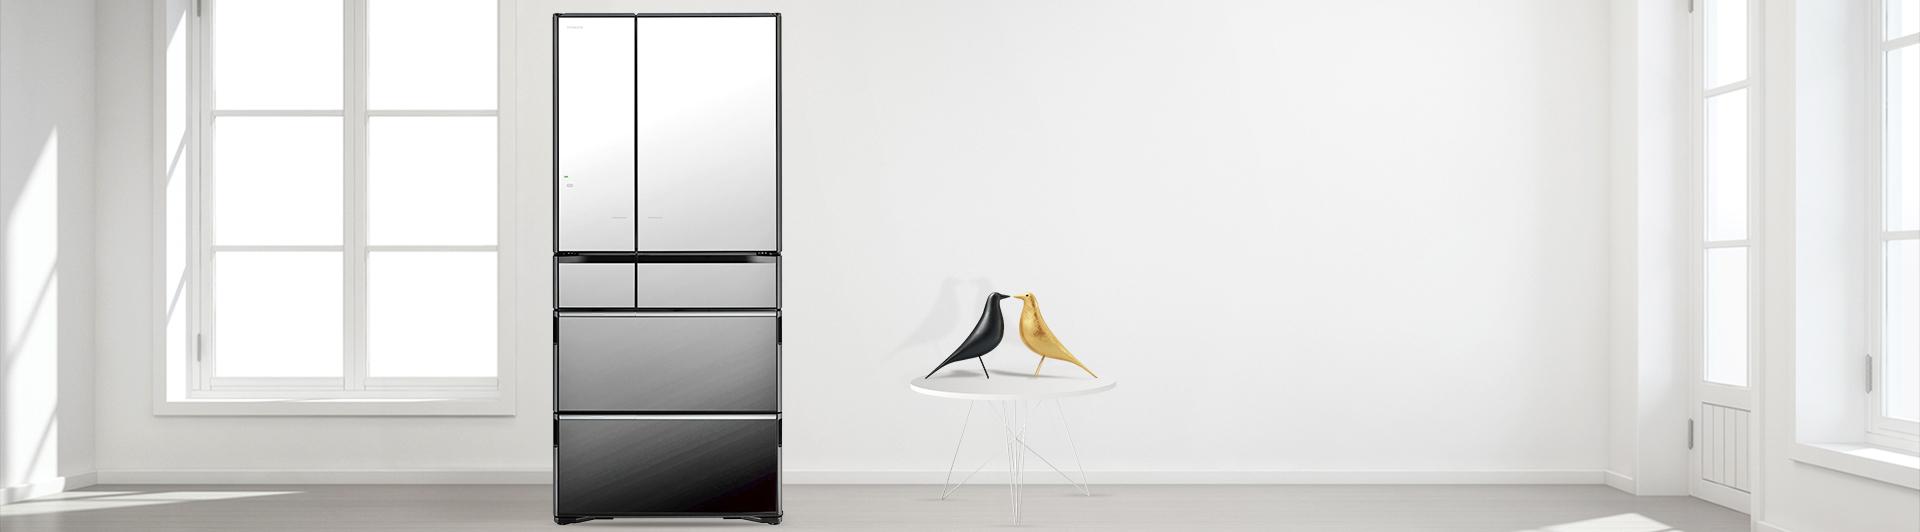 Tủ lạnh Hitachi Inverter 722L R-X670GV giá hấp dẫn tại Nguyễn Kim